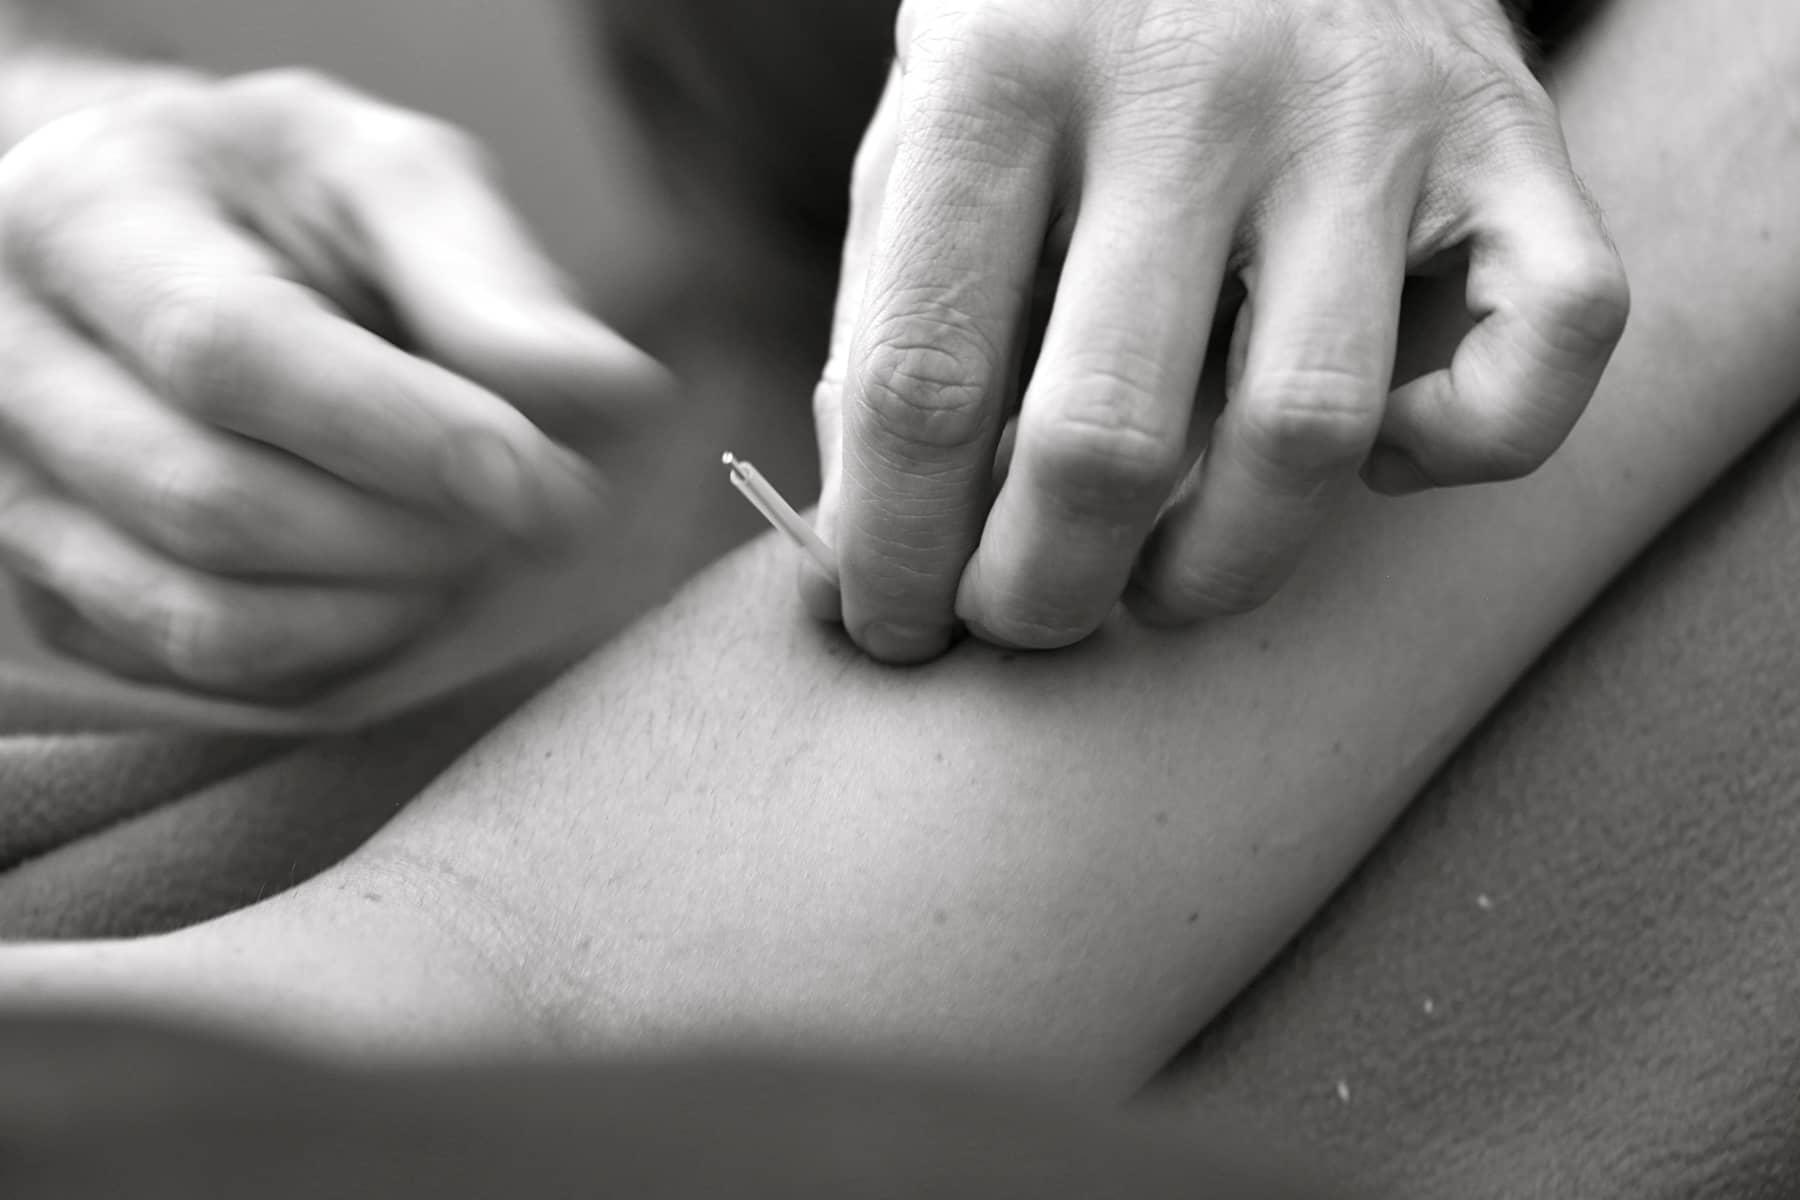 acupuntura agulhamento procedimento medico